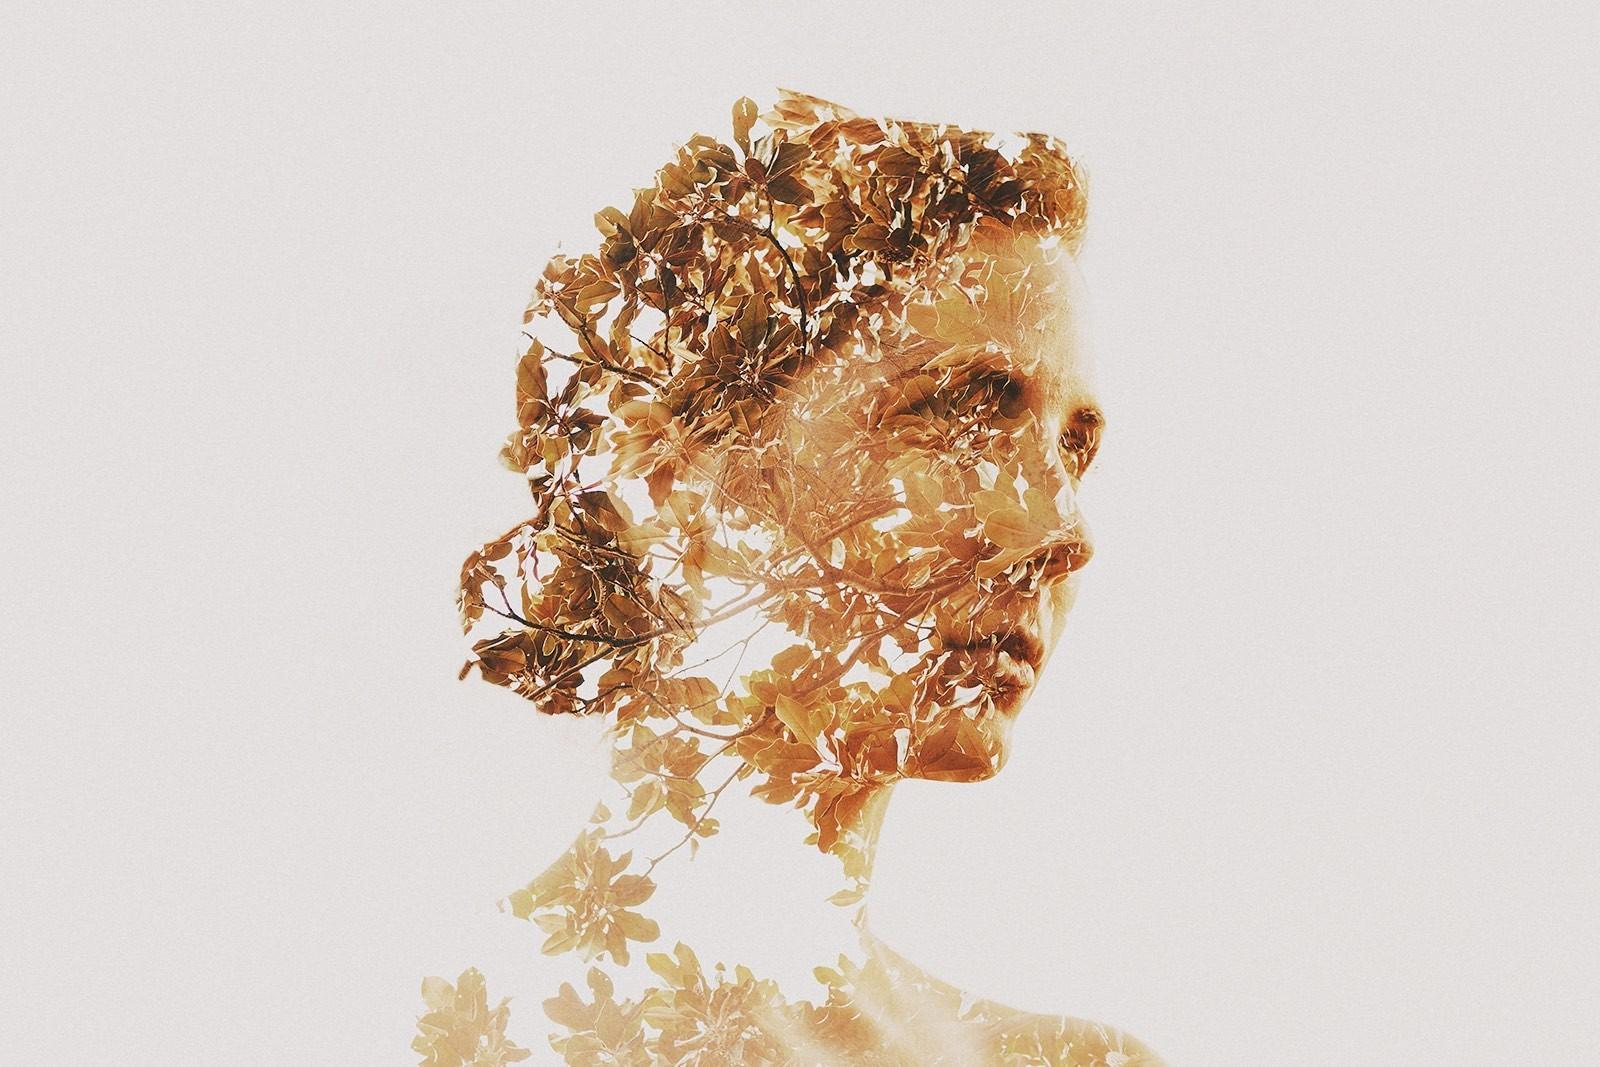 88d8e562a62 Kvinder foto manipulation skulptur dobbelt eksponering guld tøj hoved KUNST  smykker 1600x1067 px mode tilbehør